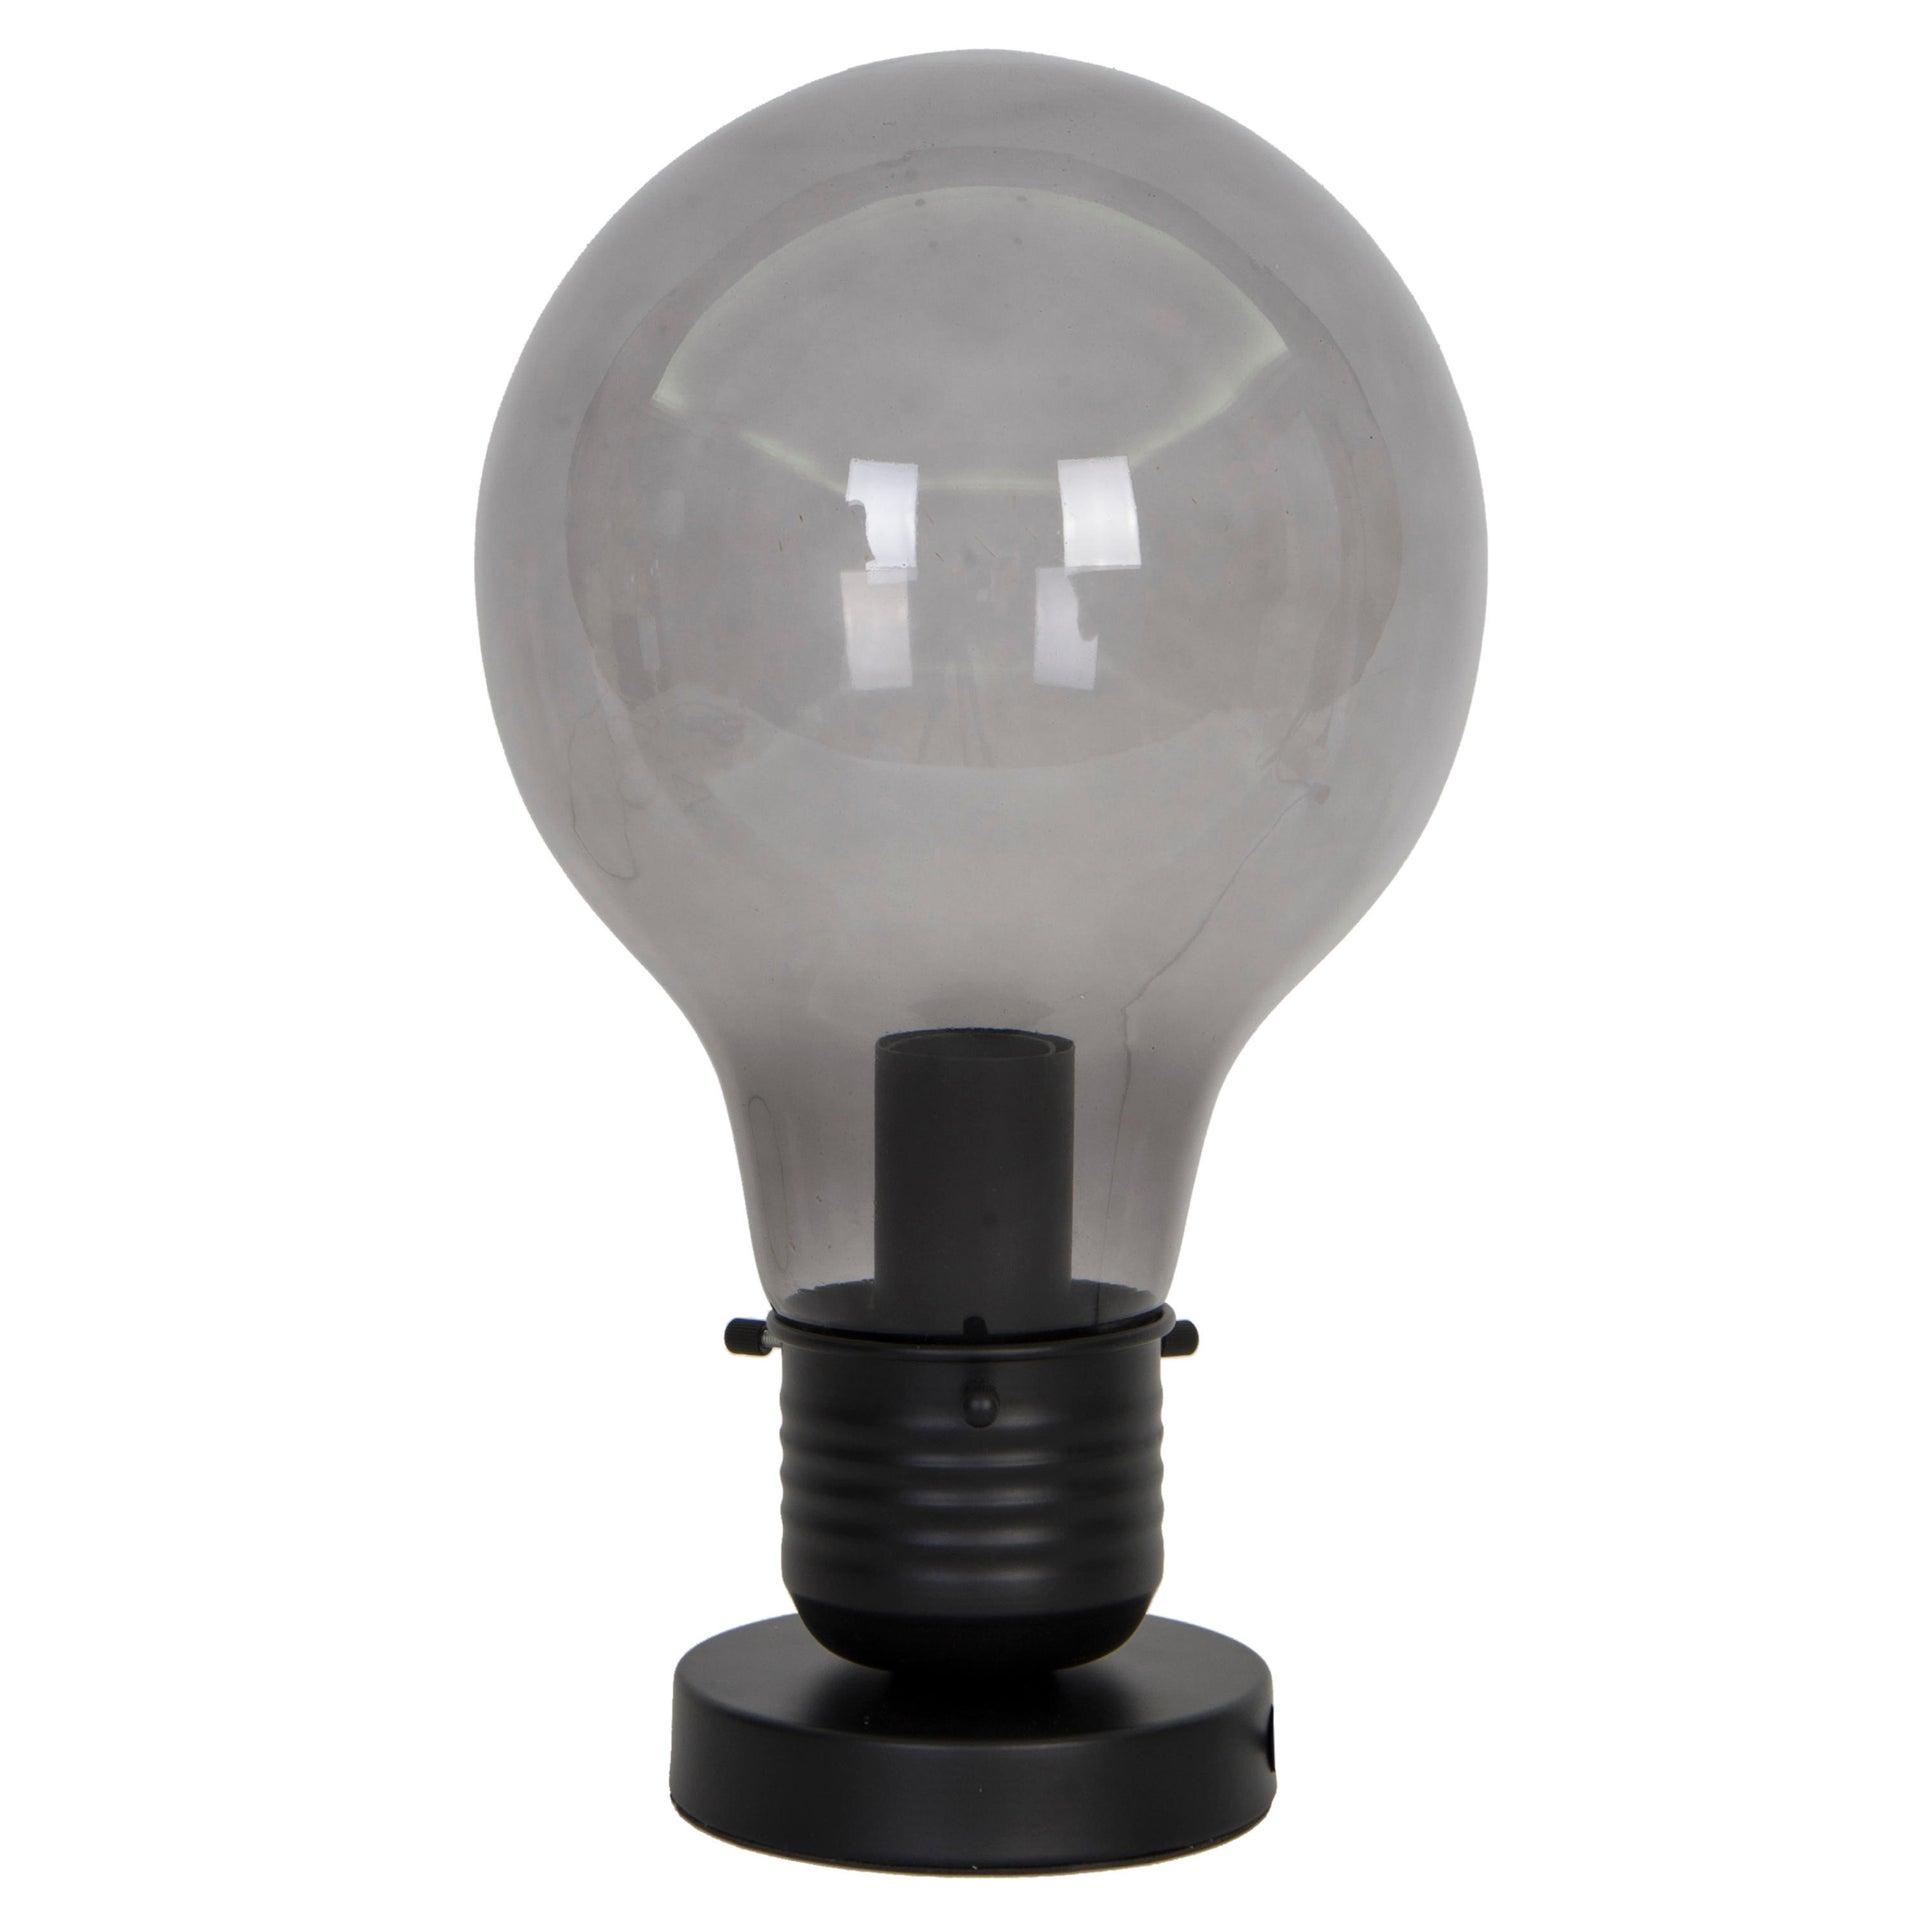 Lampada da tavolo Moderno Bombilla nero , in vetro, INSPIRE - 5